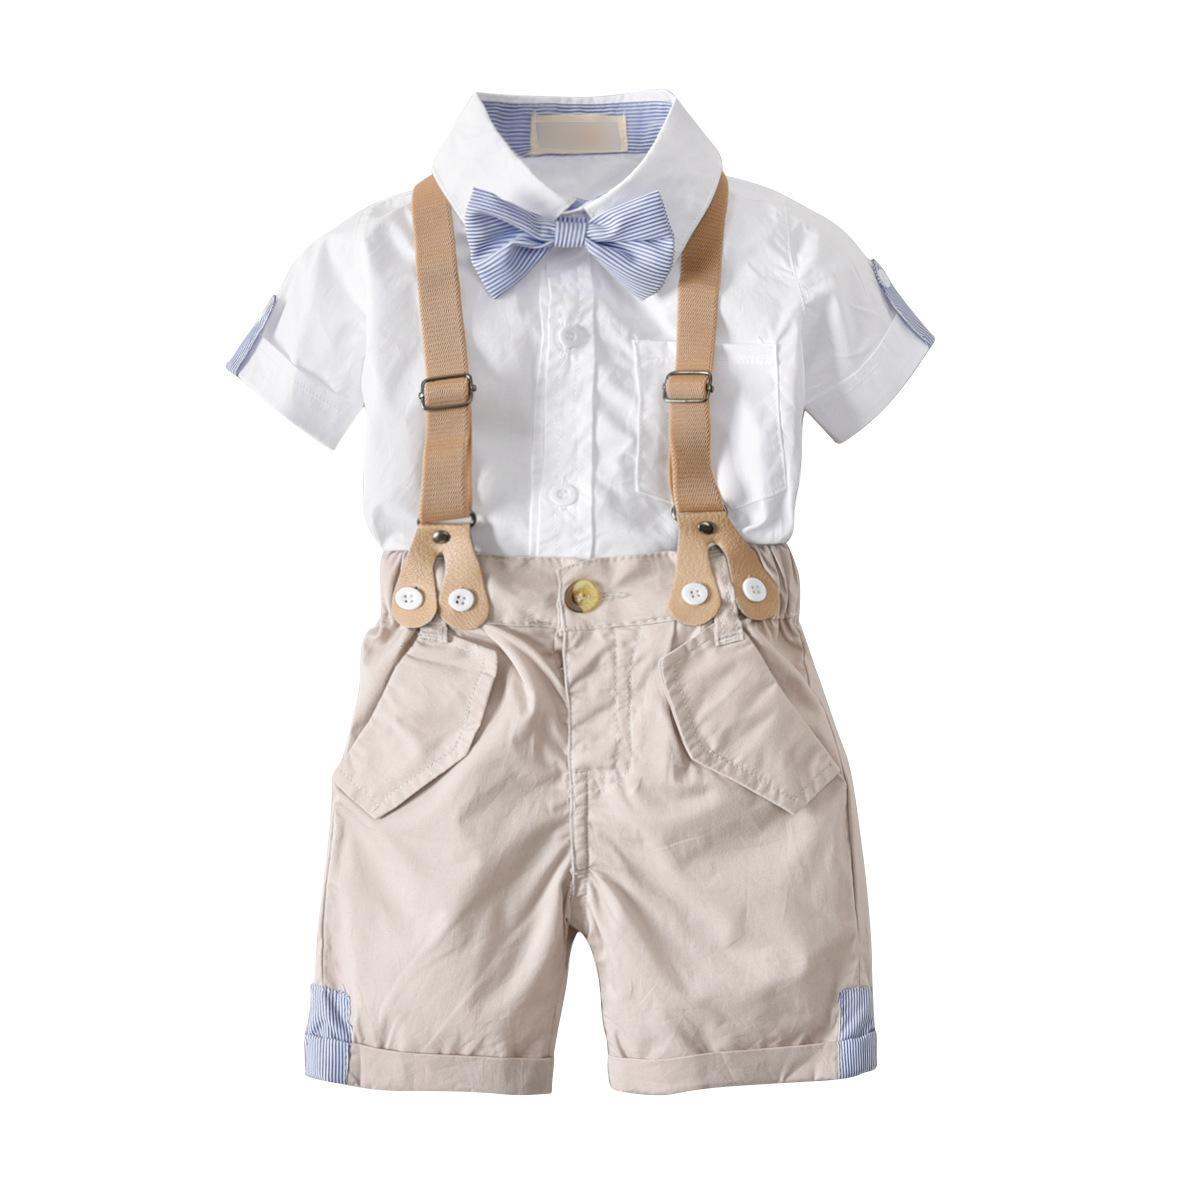 4a2ddf876 Compre Nuevo Conjunto De Ropa Para Niños Pequeños Conjunto De Pantalón  Corto De Verano Para Bebé 1 2 3 4 Años Ropa De Niños Para Niño Traje Formal  De Fiesta ...